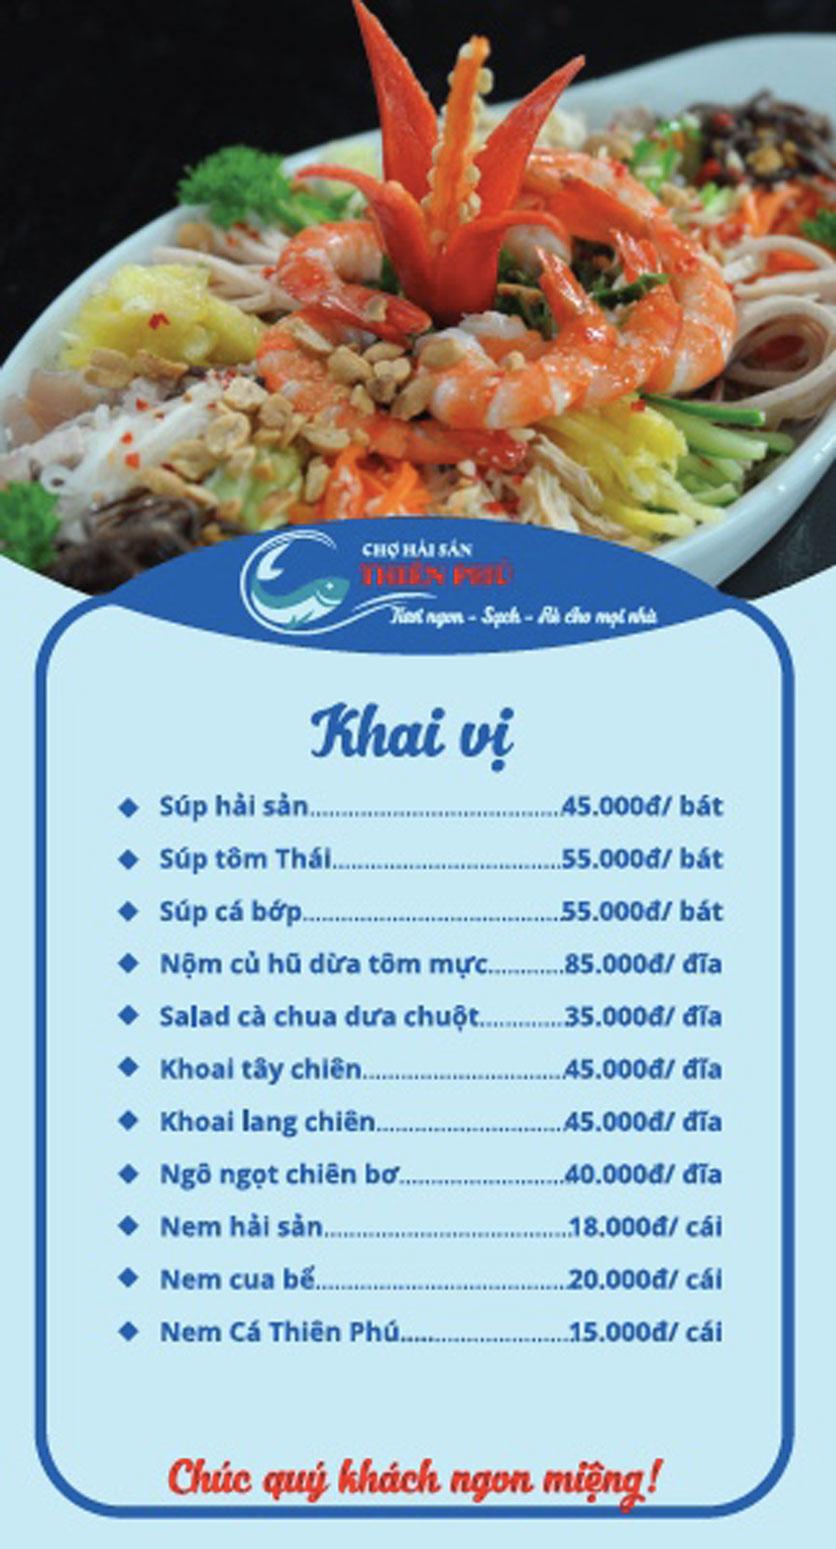 Menu Chợ Hải Sản Thiên Phú - KĐT Văn Phú 1